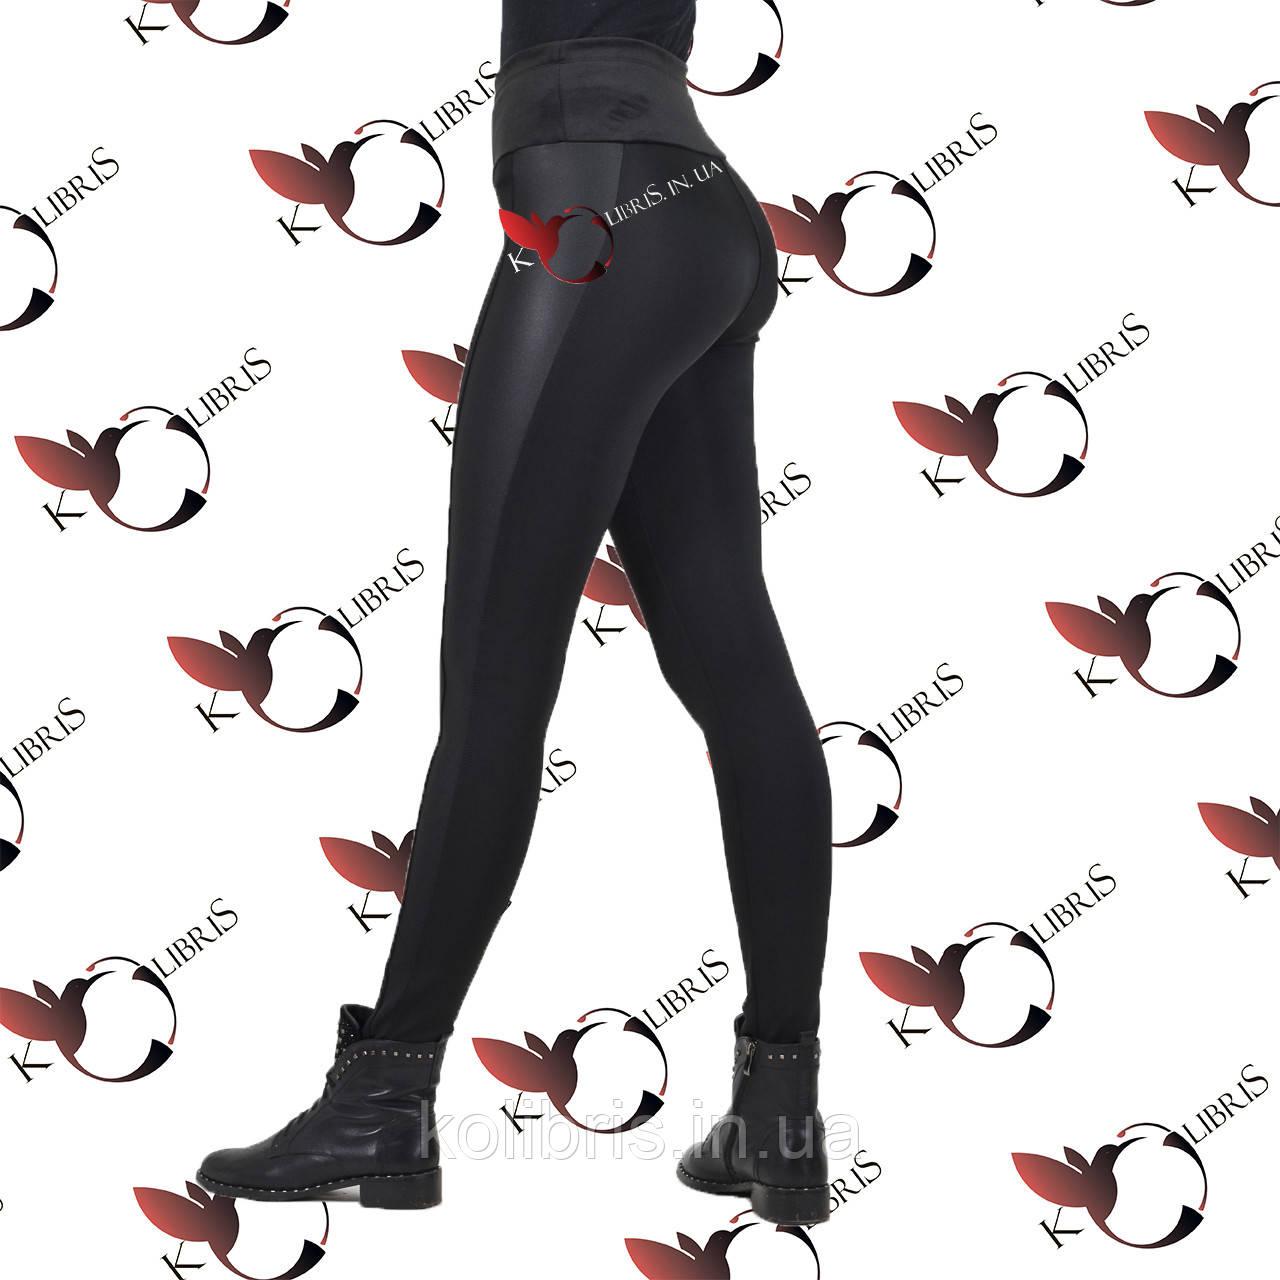 Лосины женские черный микродайвинг на меху/ПЛЮШЕ широкий пояс лампас диско-стрейч